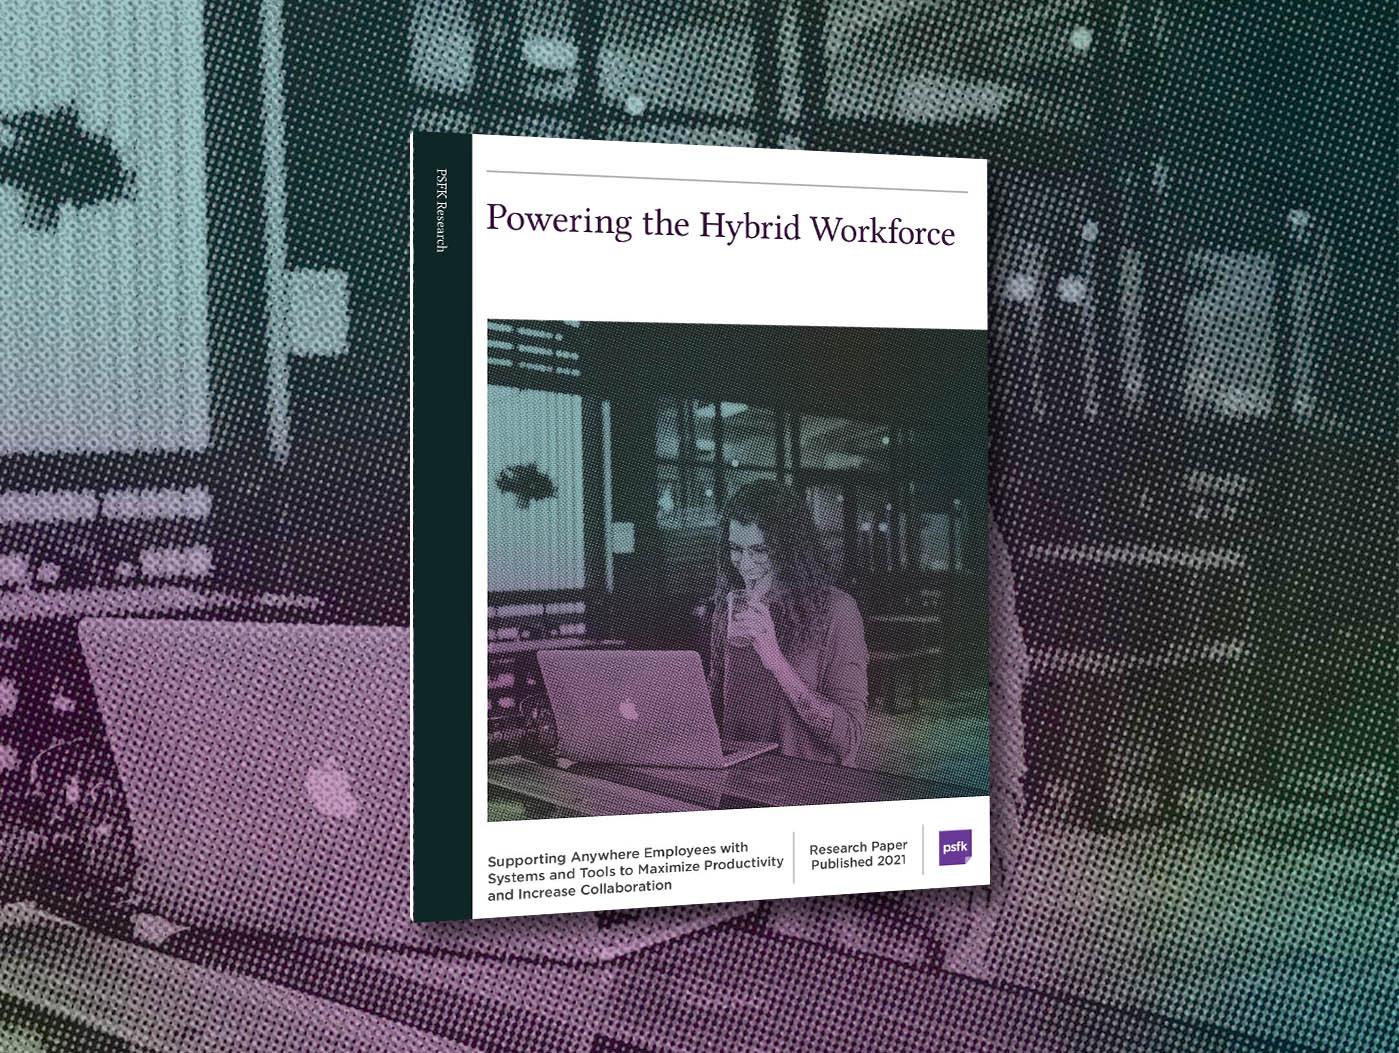 Powering The Hybrid Workforce